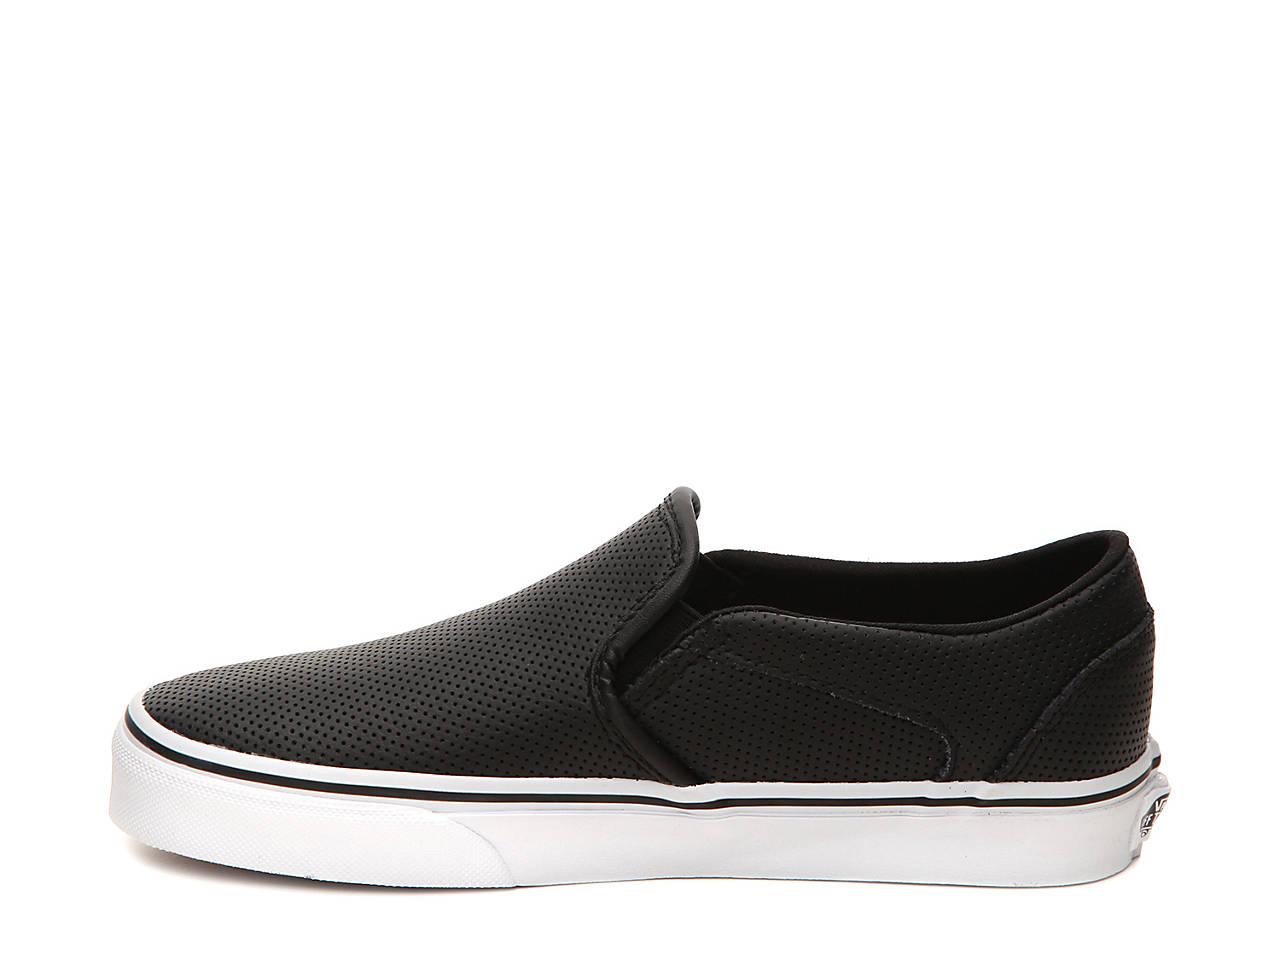 88f242d0e3e Vans Asher Perforated Slip-On Sneaker - Women s Women s Shoes